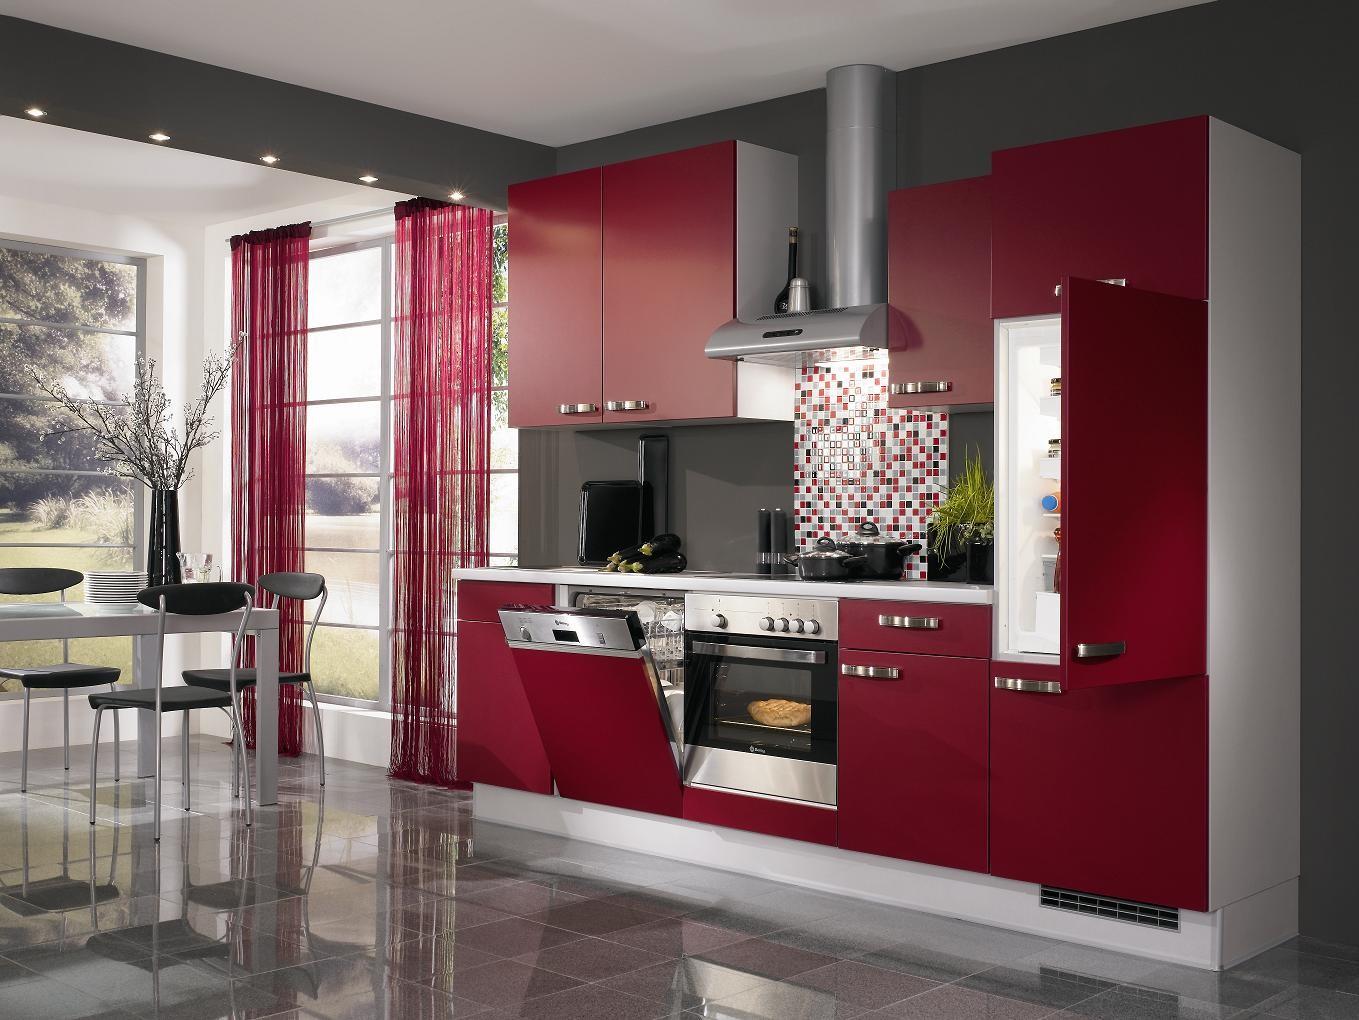 Красно-белый кухонный гарнитур в интерьере